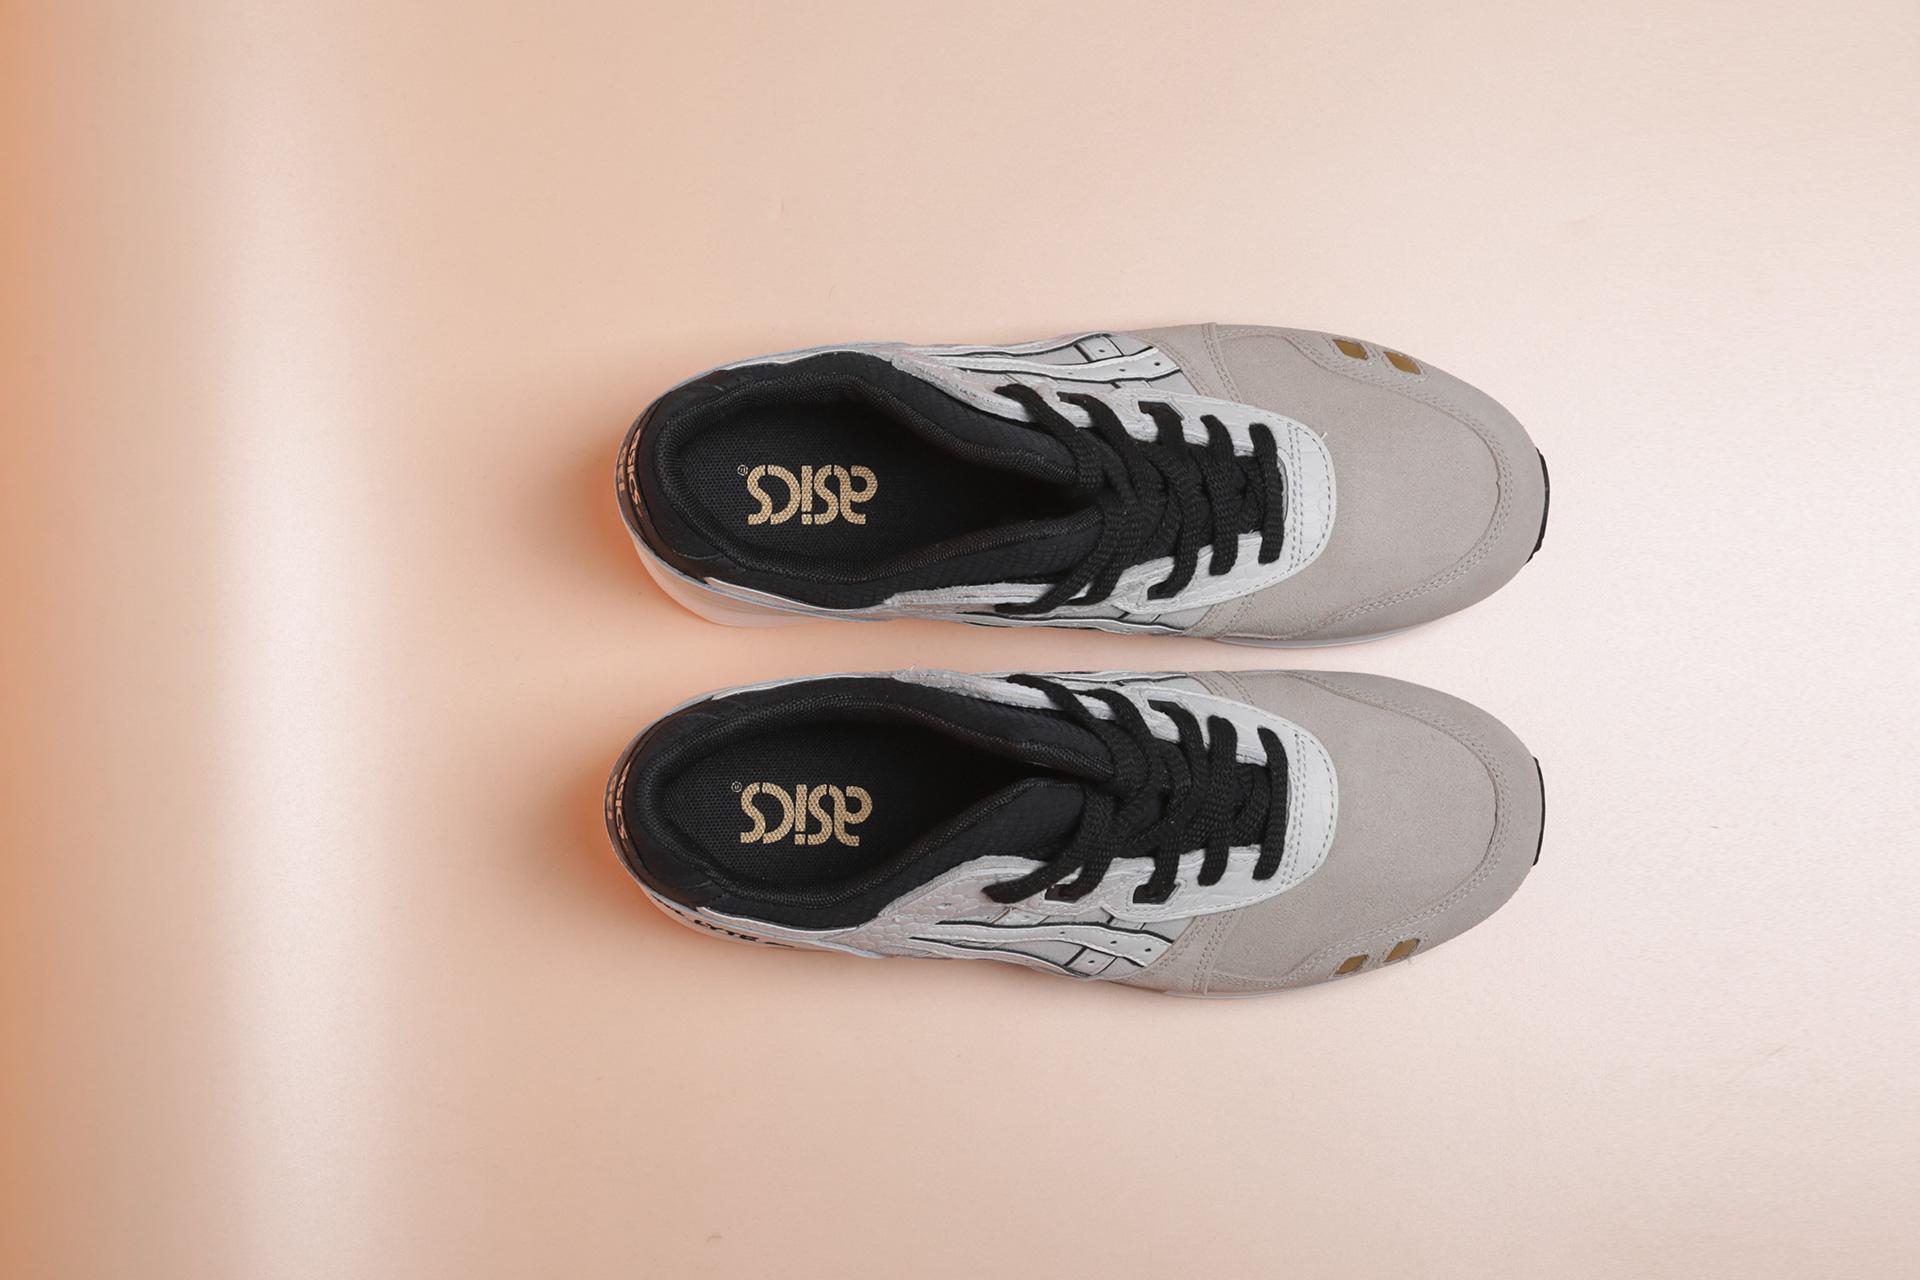 ... Купить мужские бежевые кроссовки ASICS Gel-Lyte III - фото 3 картинки  ... 3eccc56b57094